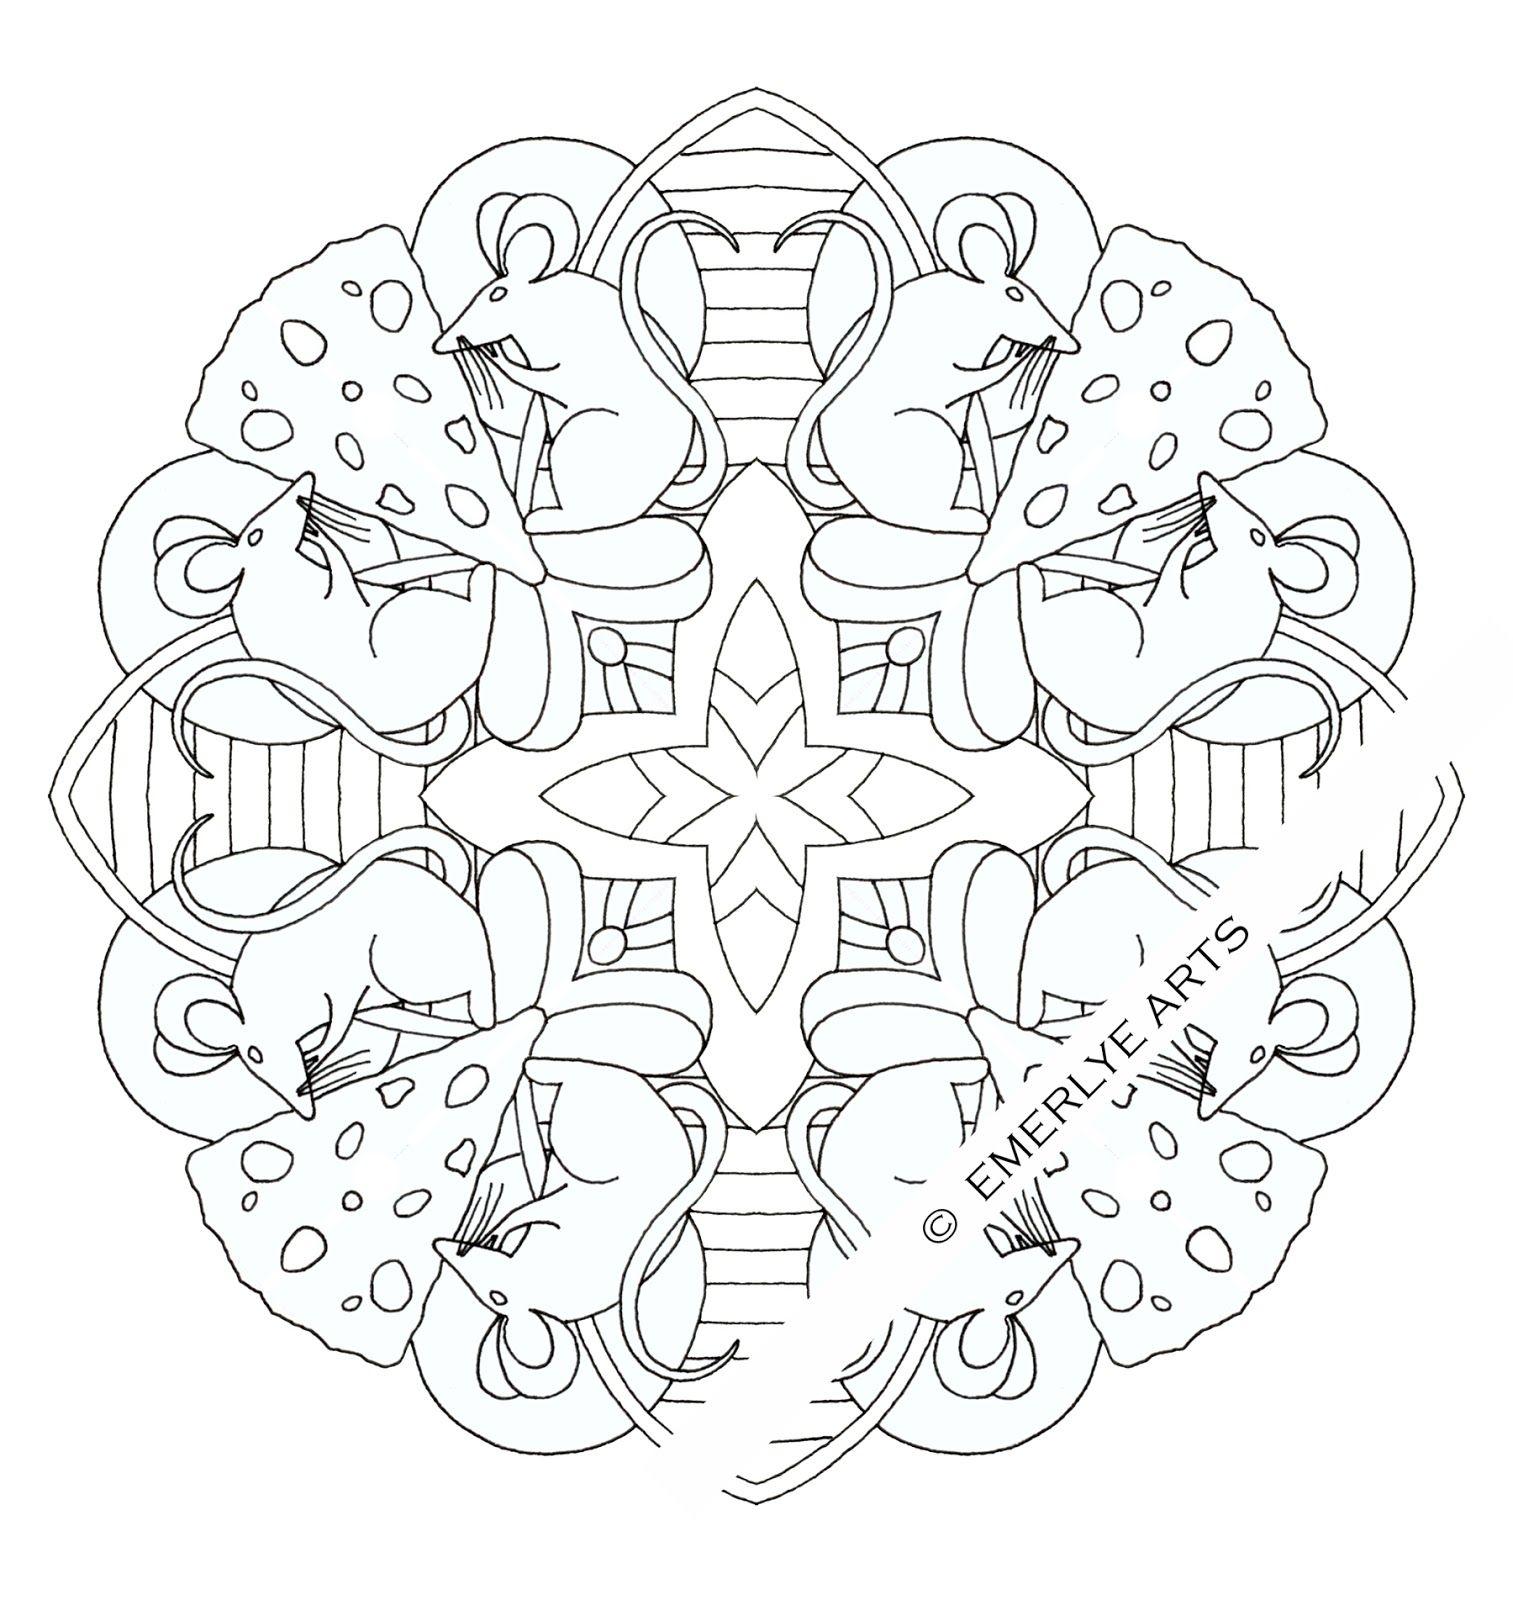 121030+Mouse+Mandala+WMKweb.jpg (1513×1600)   Для квилта: Вильям ...